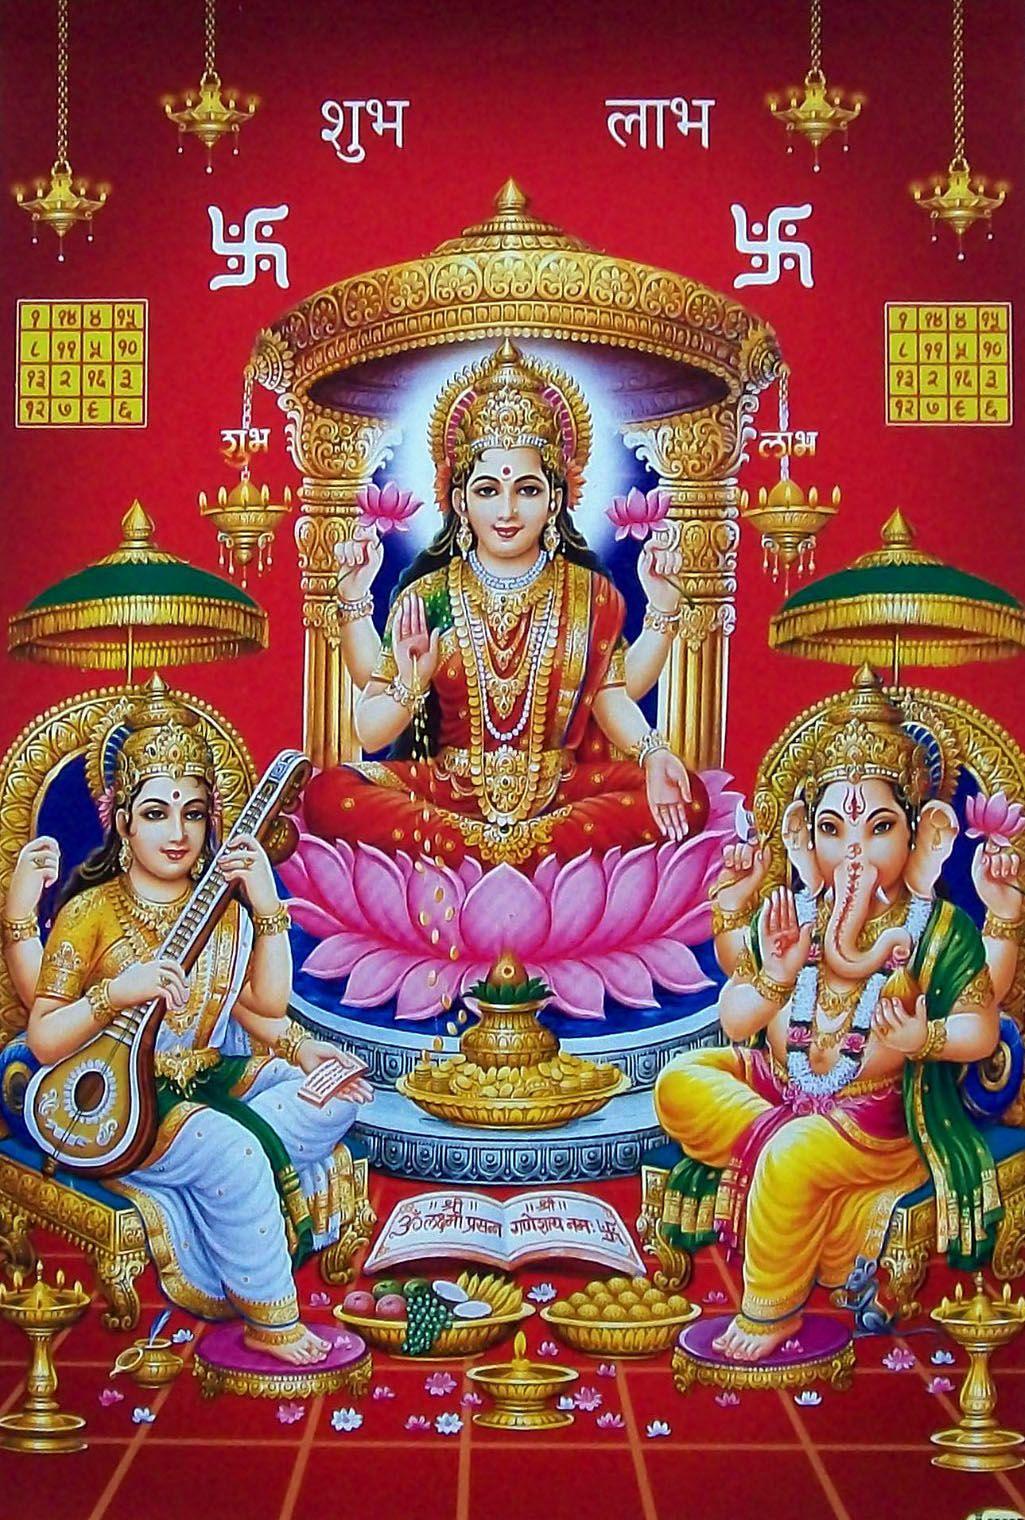 Laxmi Ganesh Saraswati Ganesha Hindu Hindu Deities Hindu